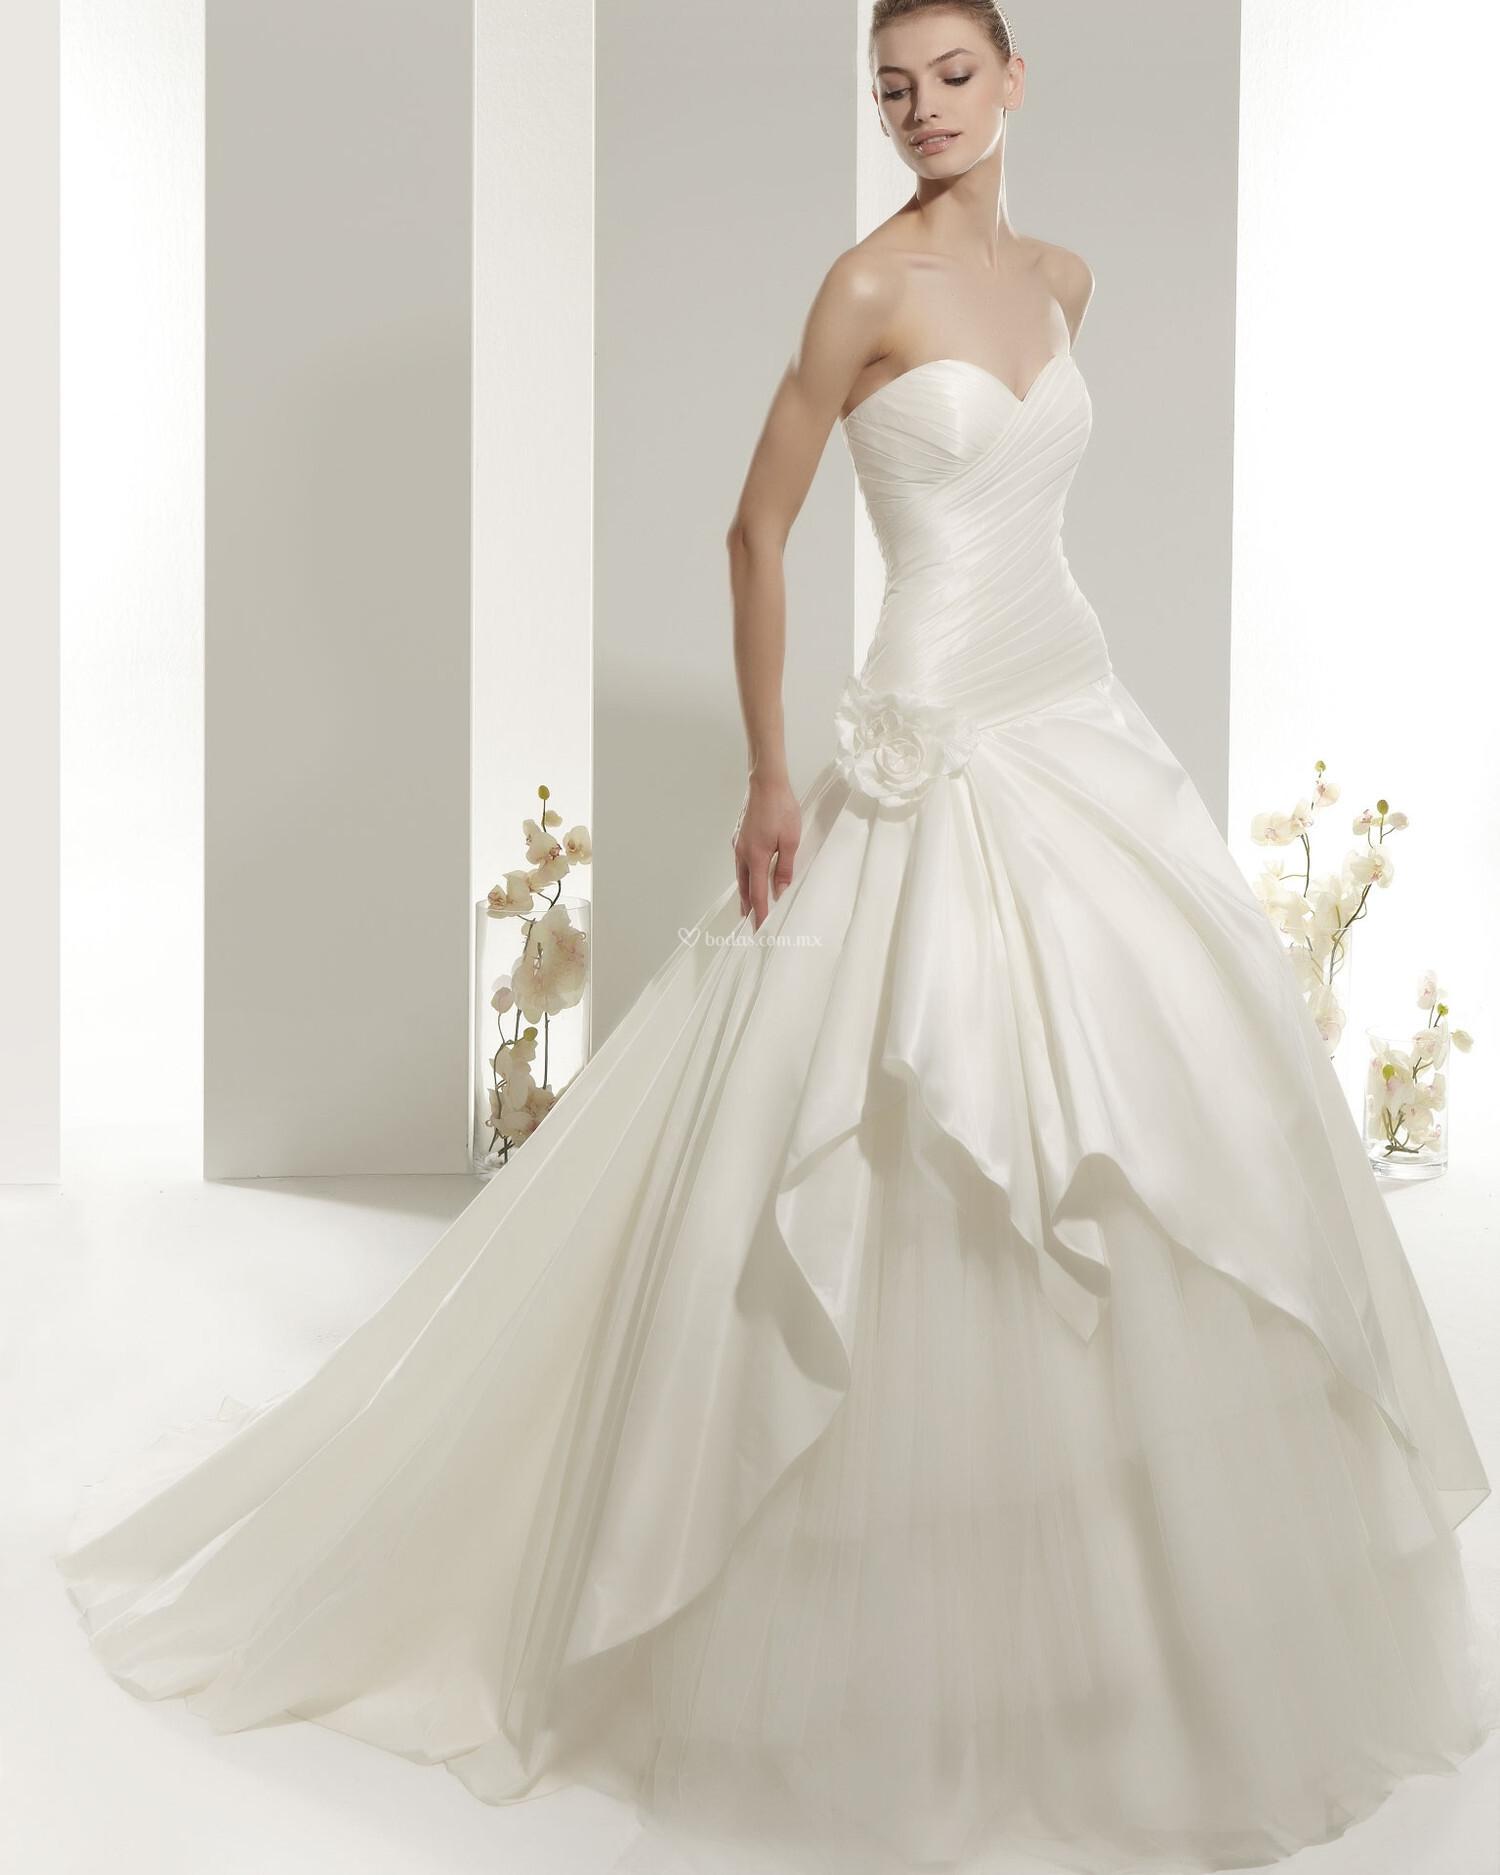 Los 10 vestidos de novia más gustados 2014 - Foro Moda ...